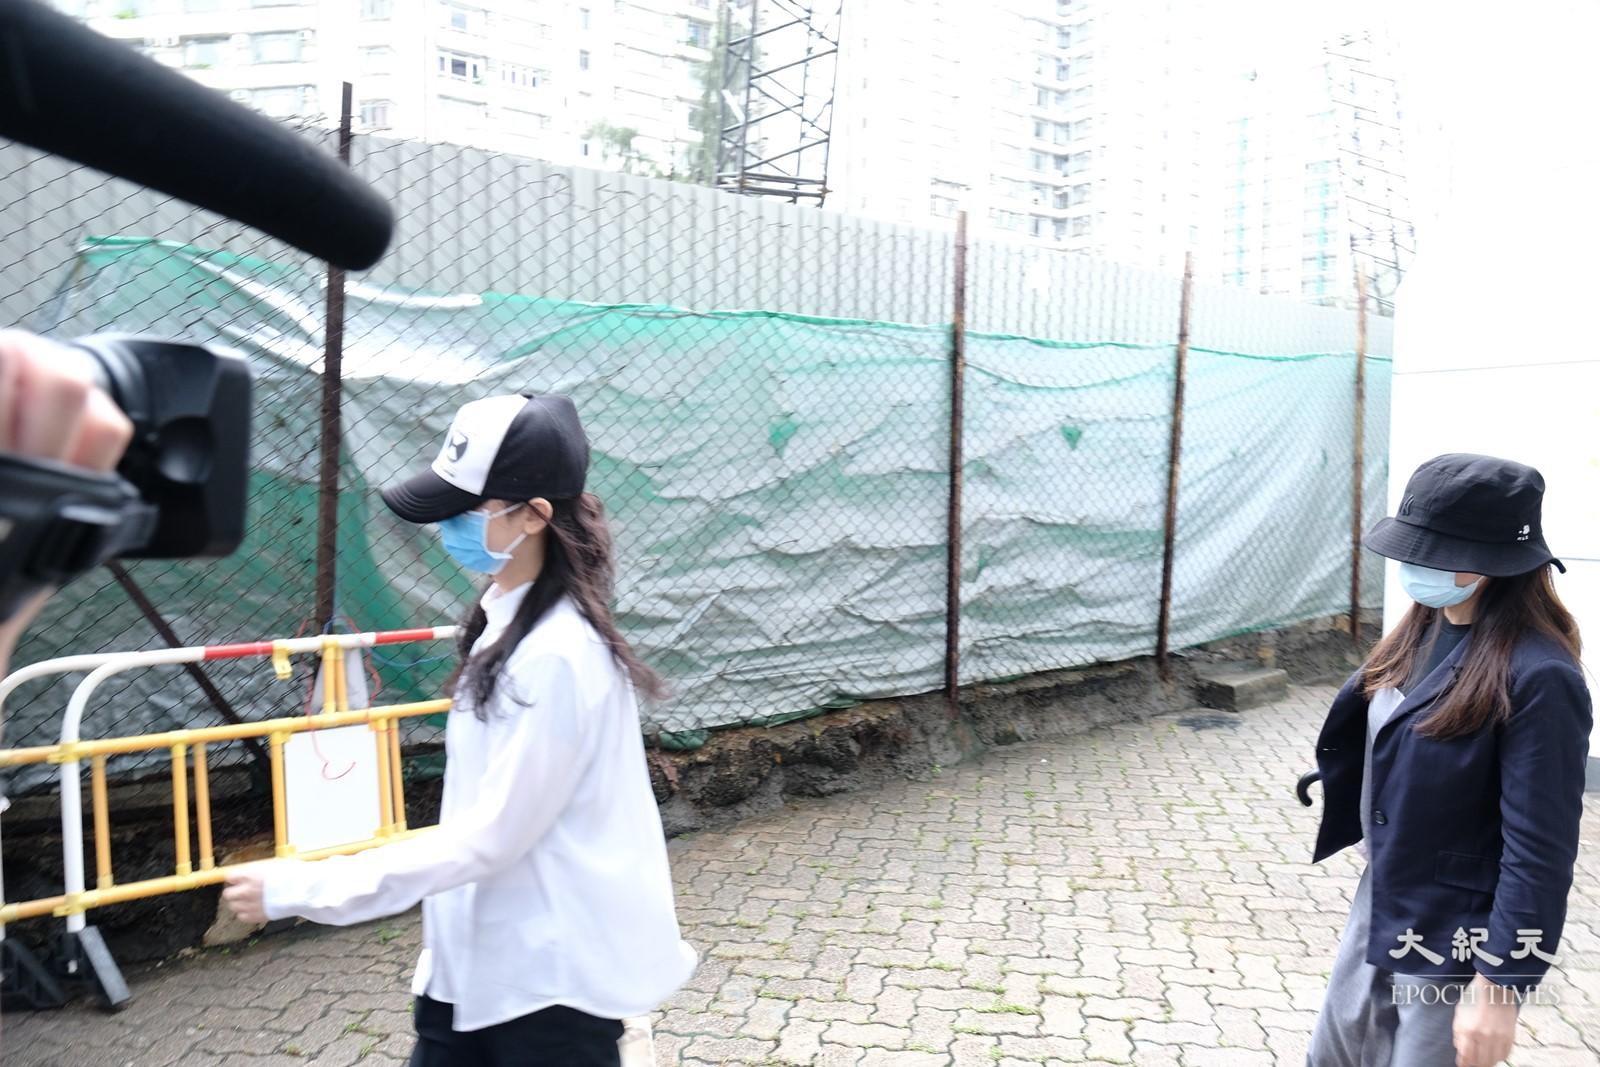 被告李亦晴(圖右)及元秋香(圖左)今日未有律師代表,案件押後九月再訊。(李榮忠/大紀元)